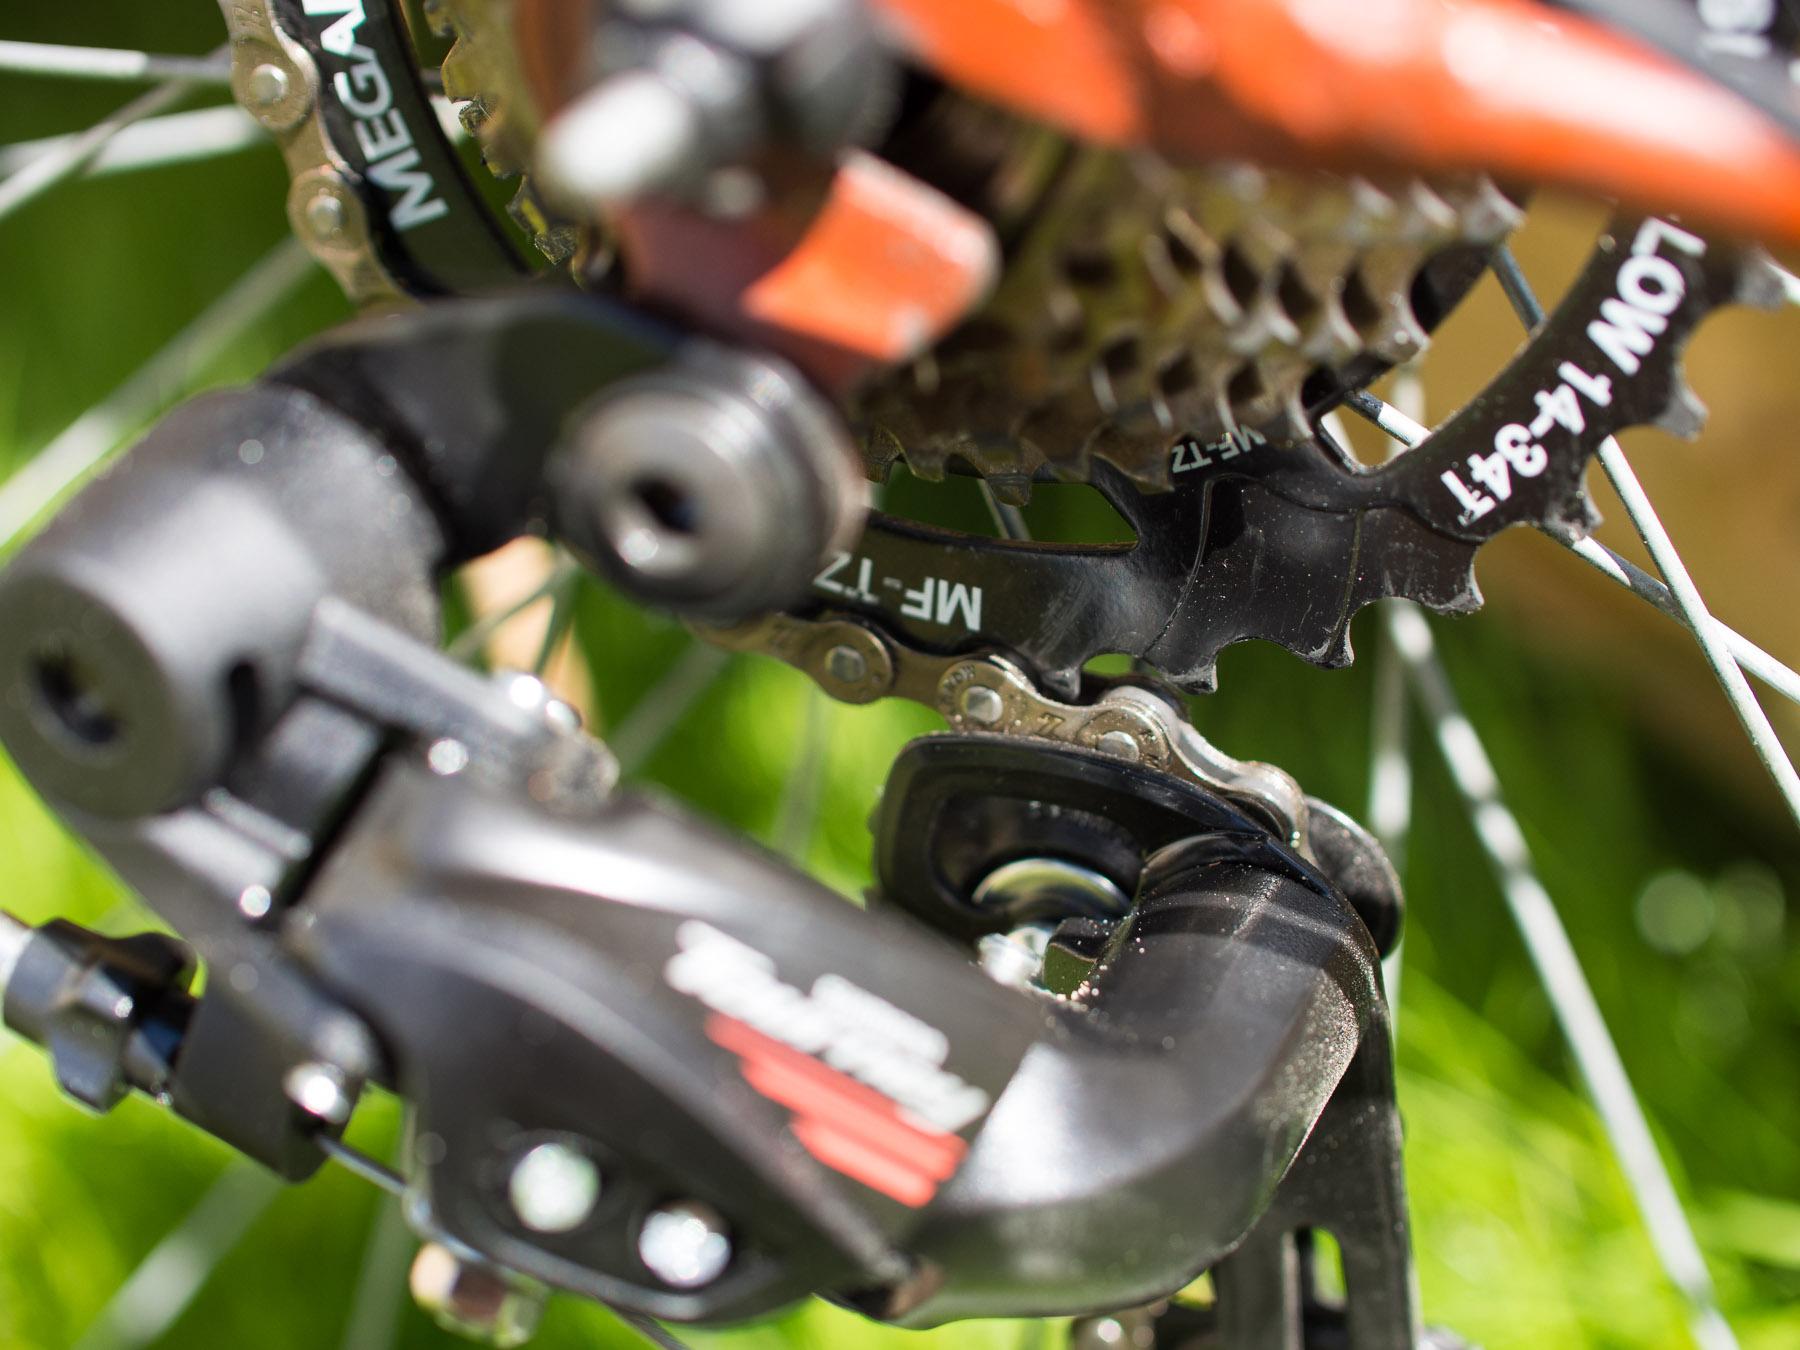 Как настроить задний переключатель скоростей на велосипеде